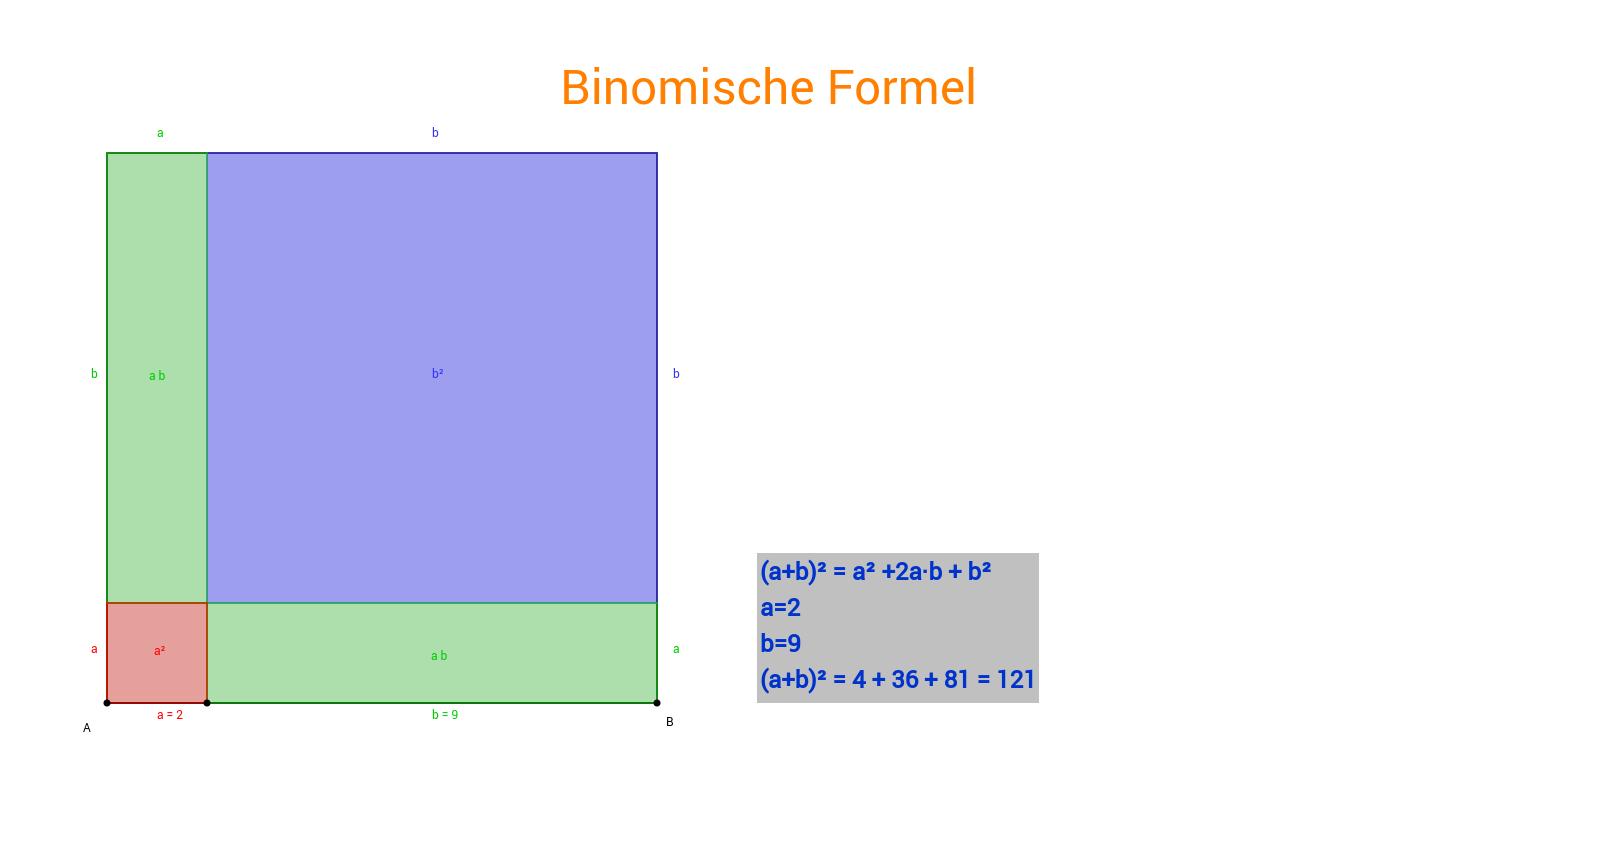 Binoschische Formel